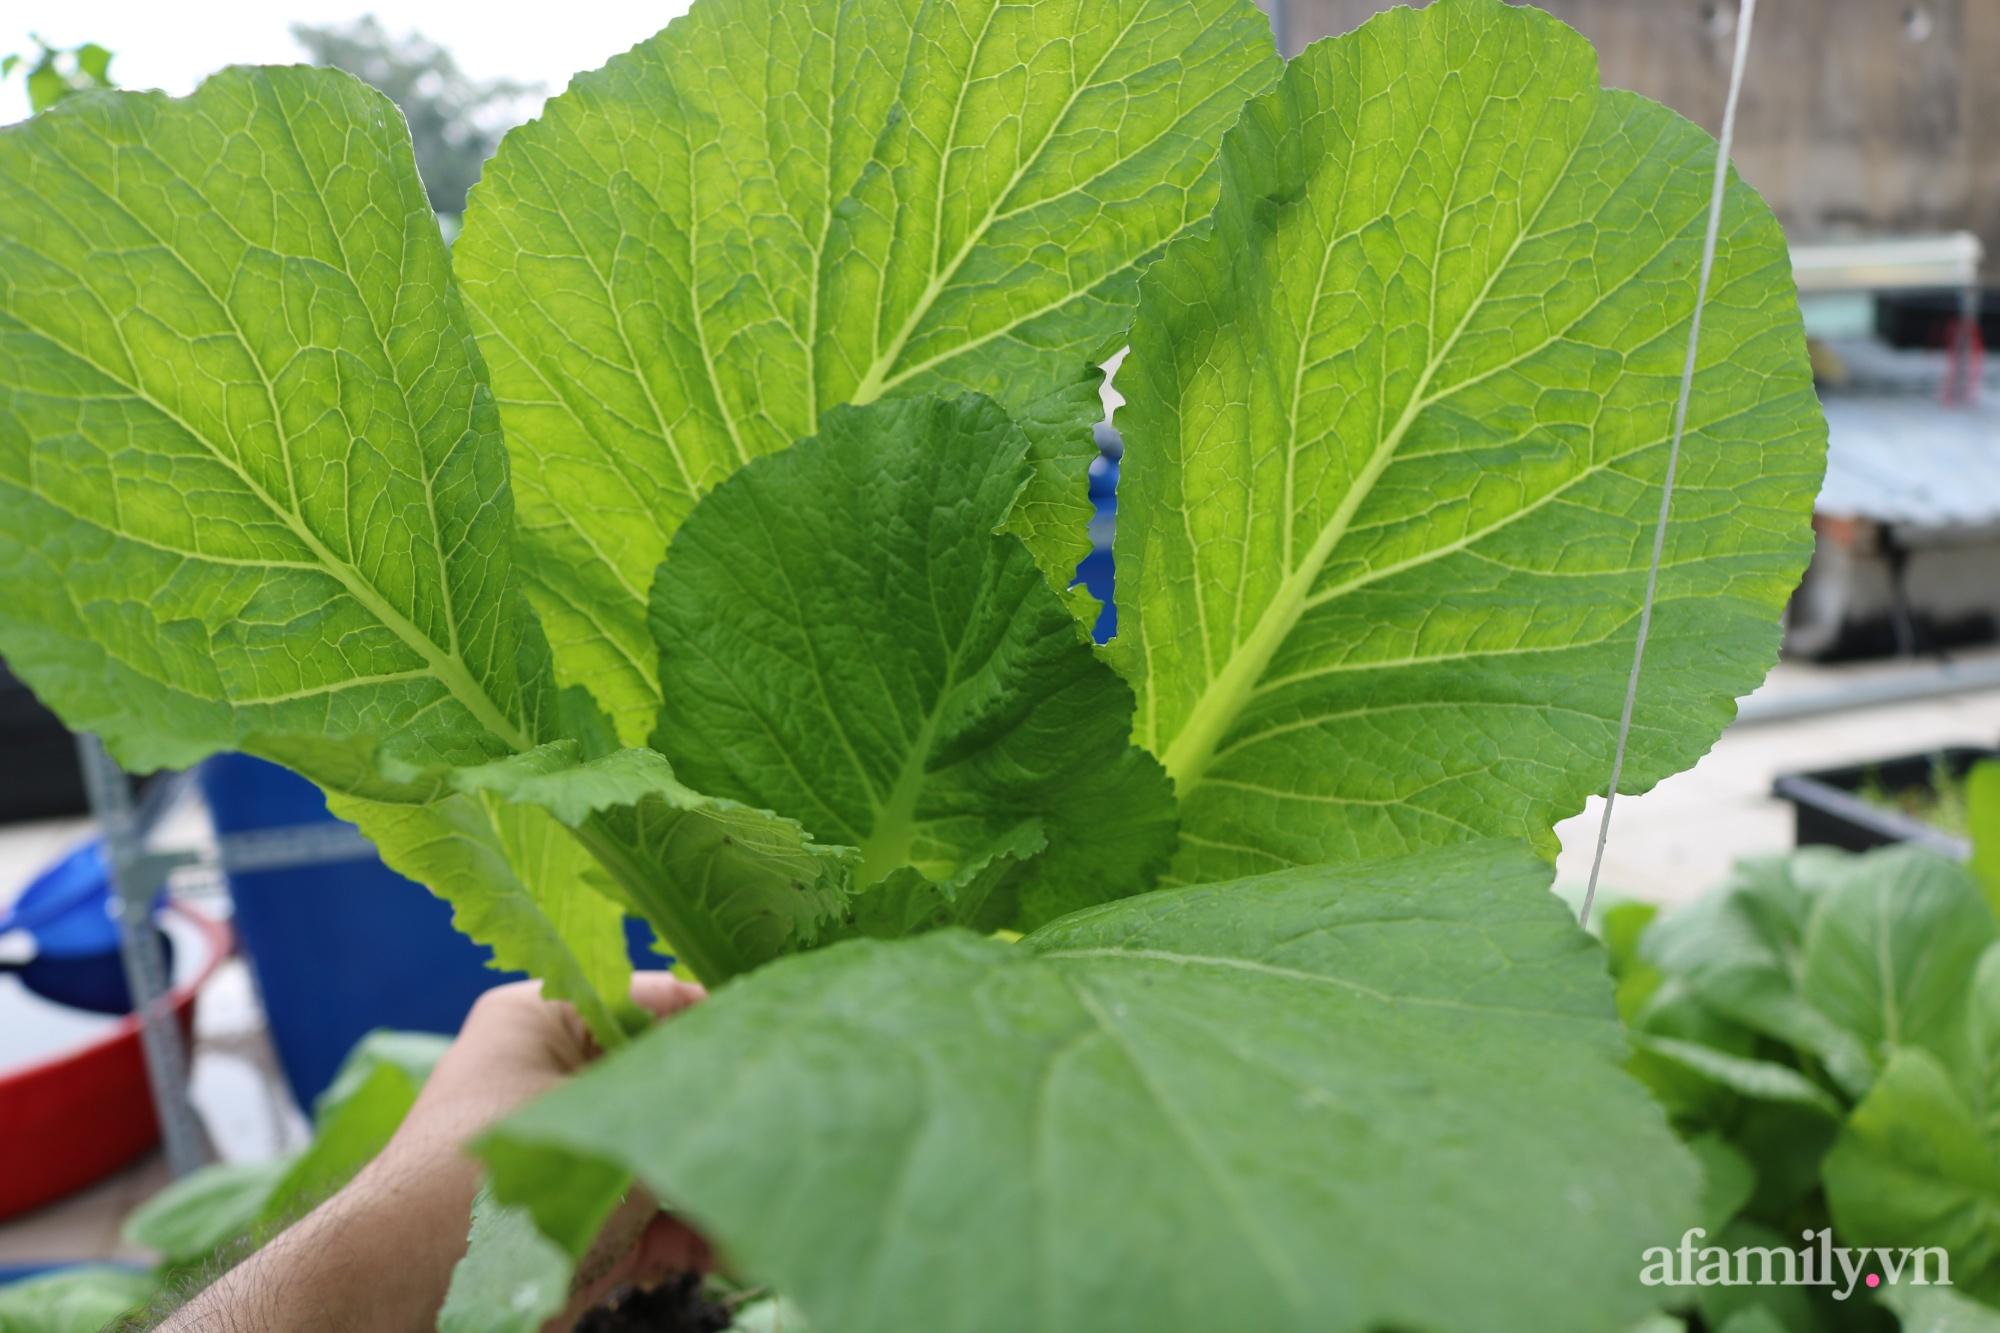 Sân thượng 100m² trồng rau nuôi cá với tổng chi phí đầu tư 80 triệu đồng ở quận 12 Sài Gòn - Ảnh 19.